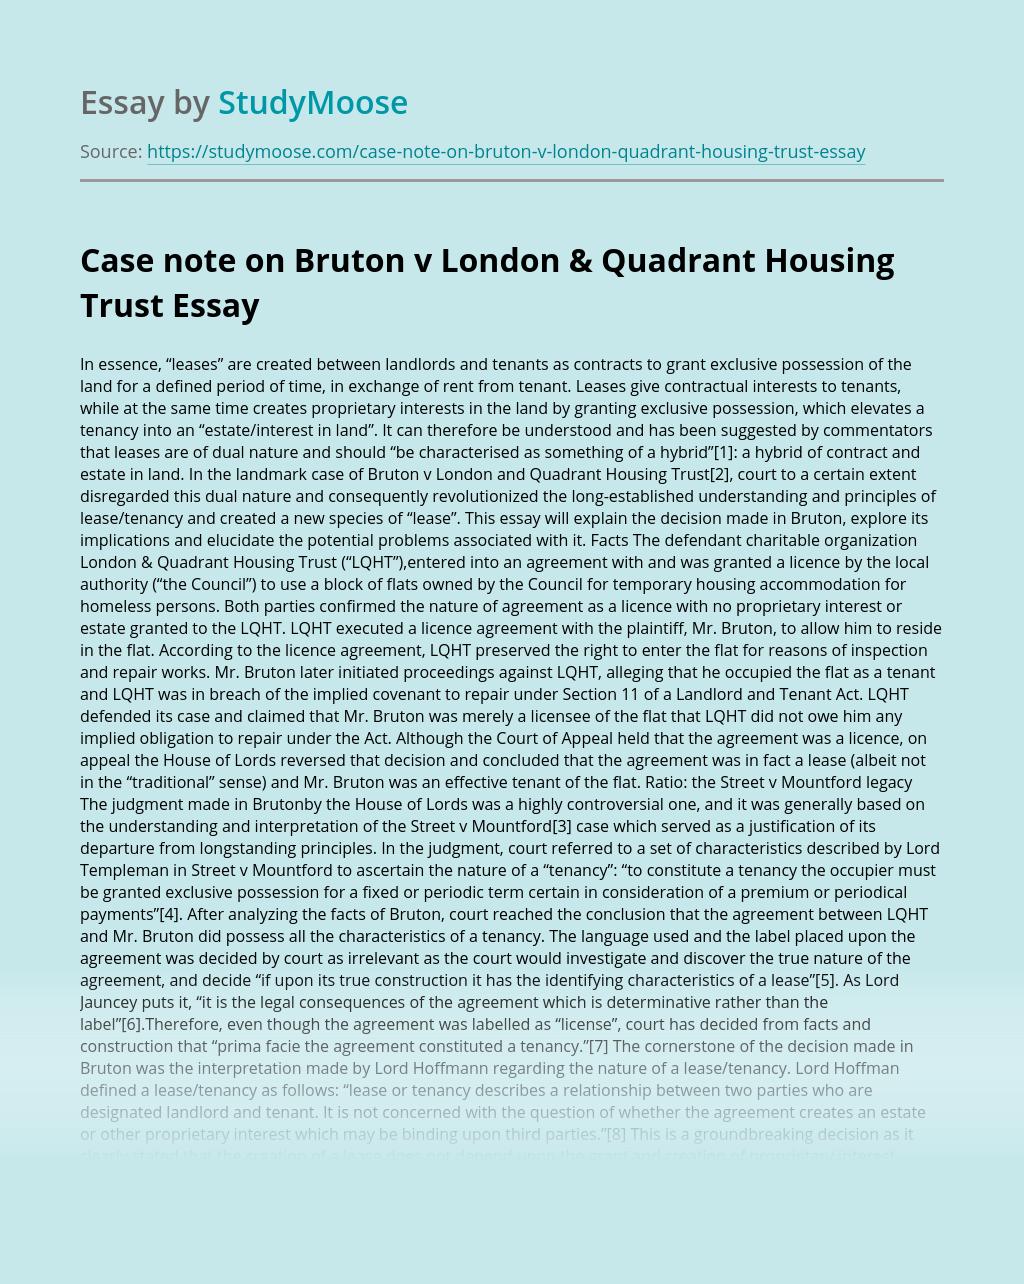 Case note on Bruton v London & Quadrant Housing Trust